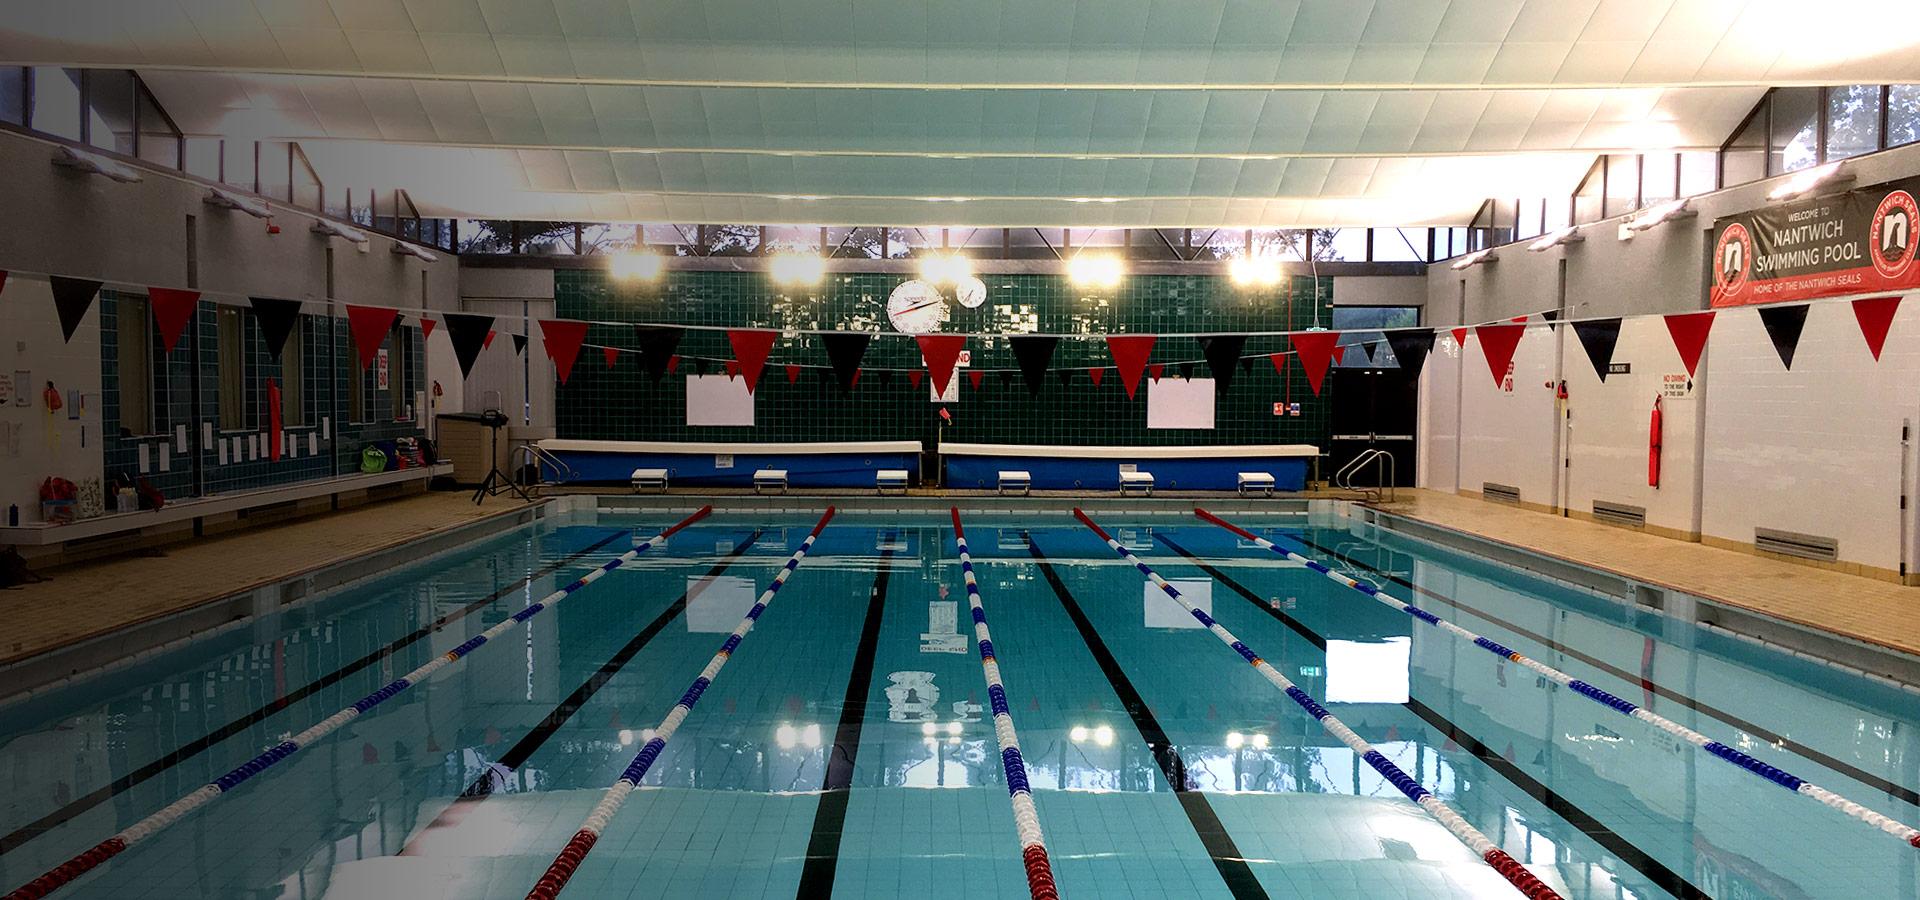 Nantwich pool